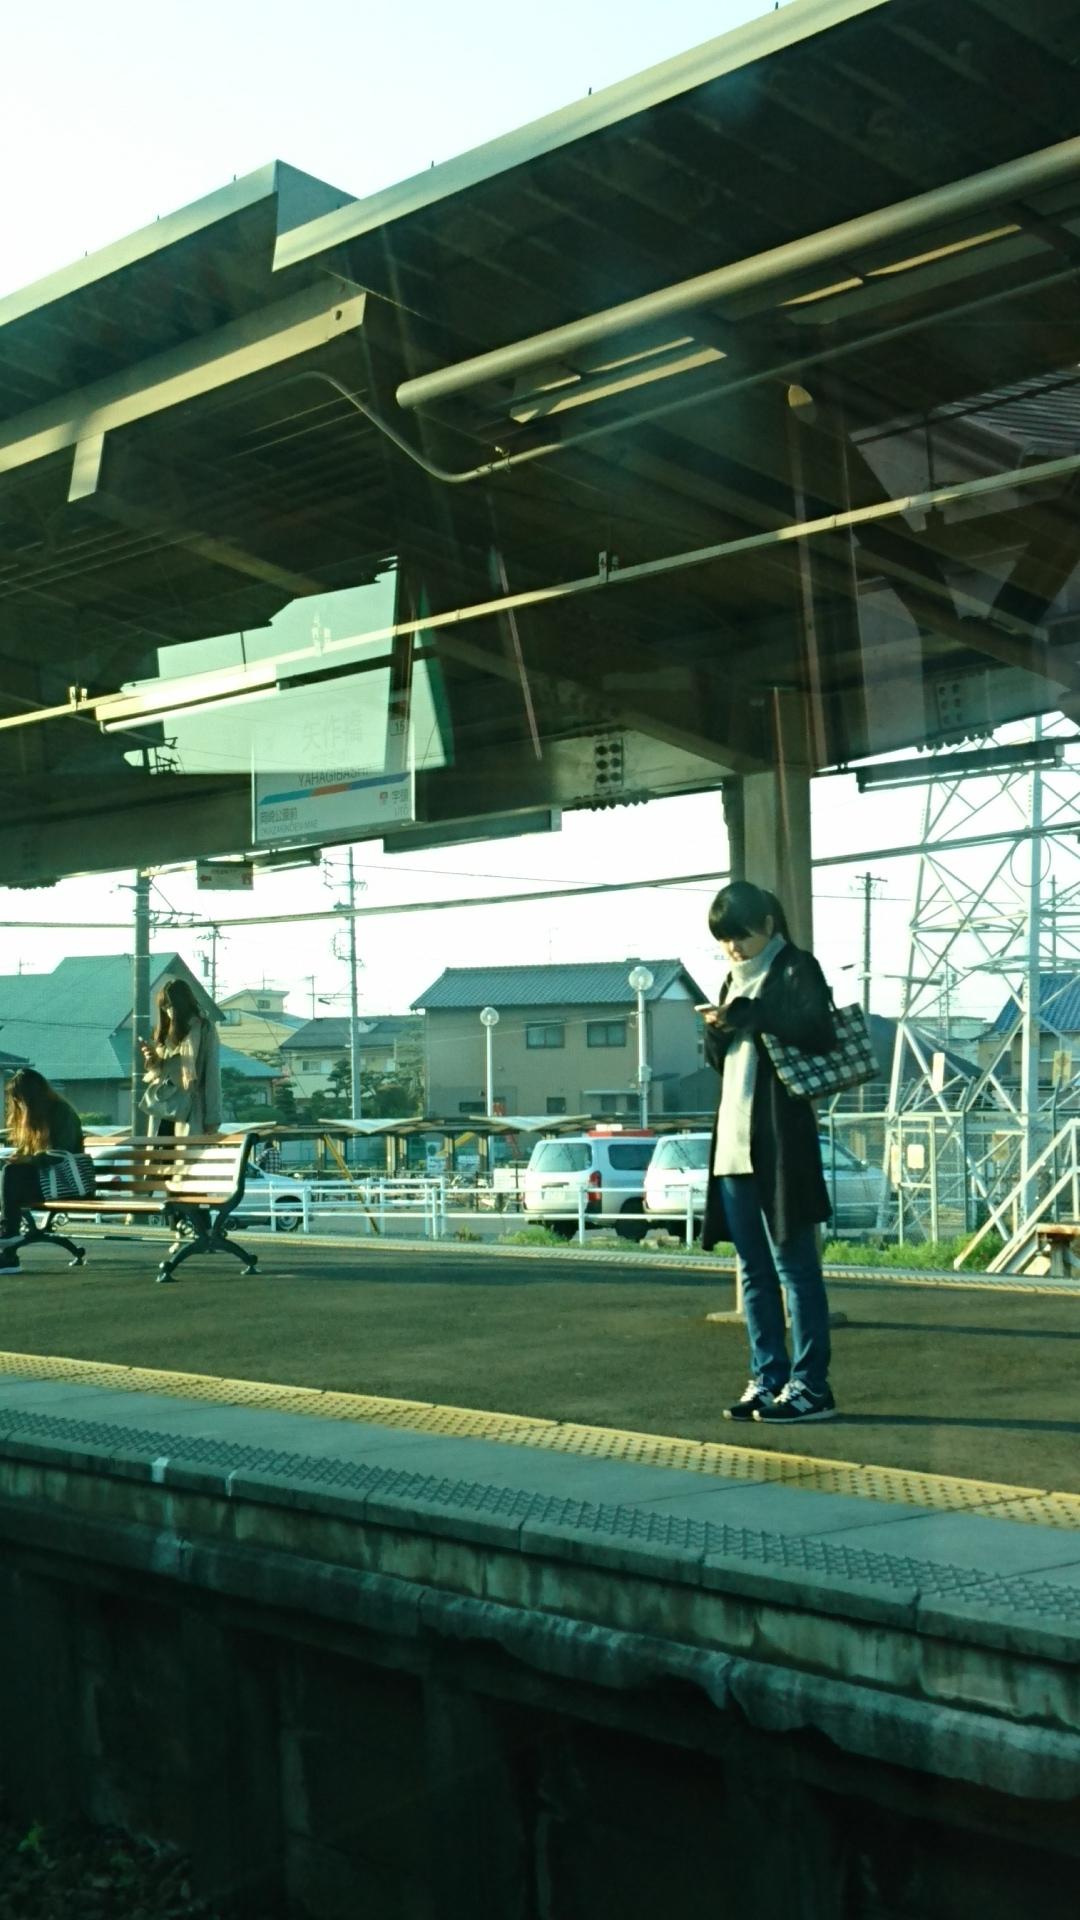 2018.3.28 金谷まで (3) 豊橋いき準急 - 矢作橋 1080-1920